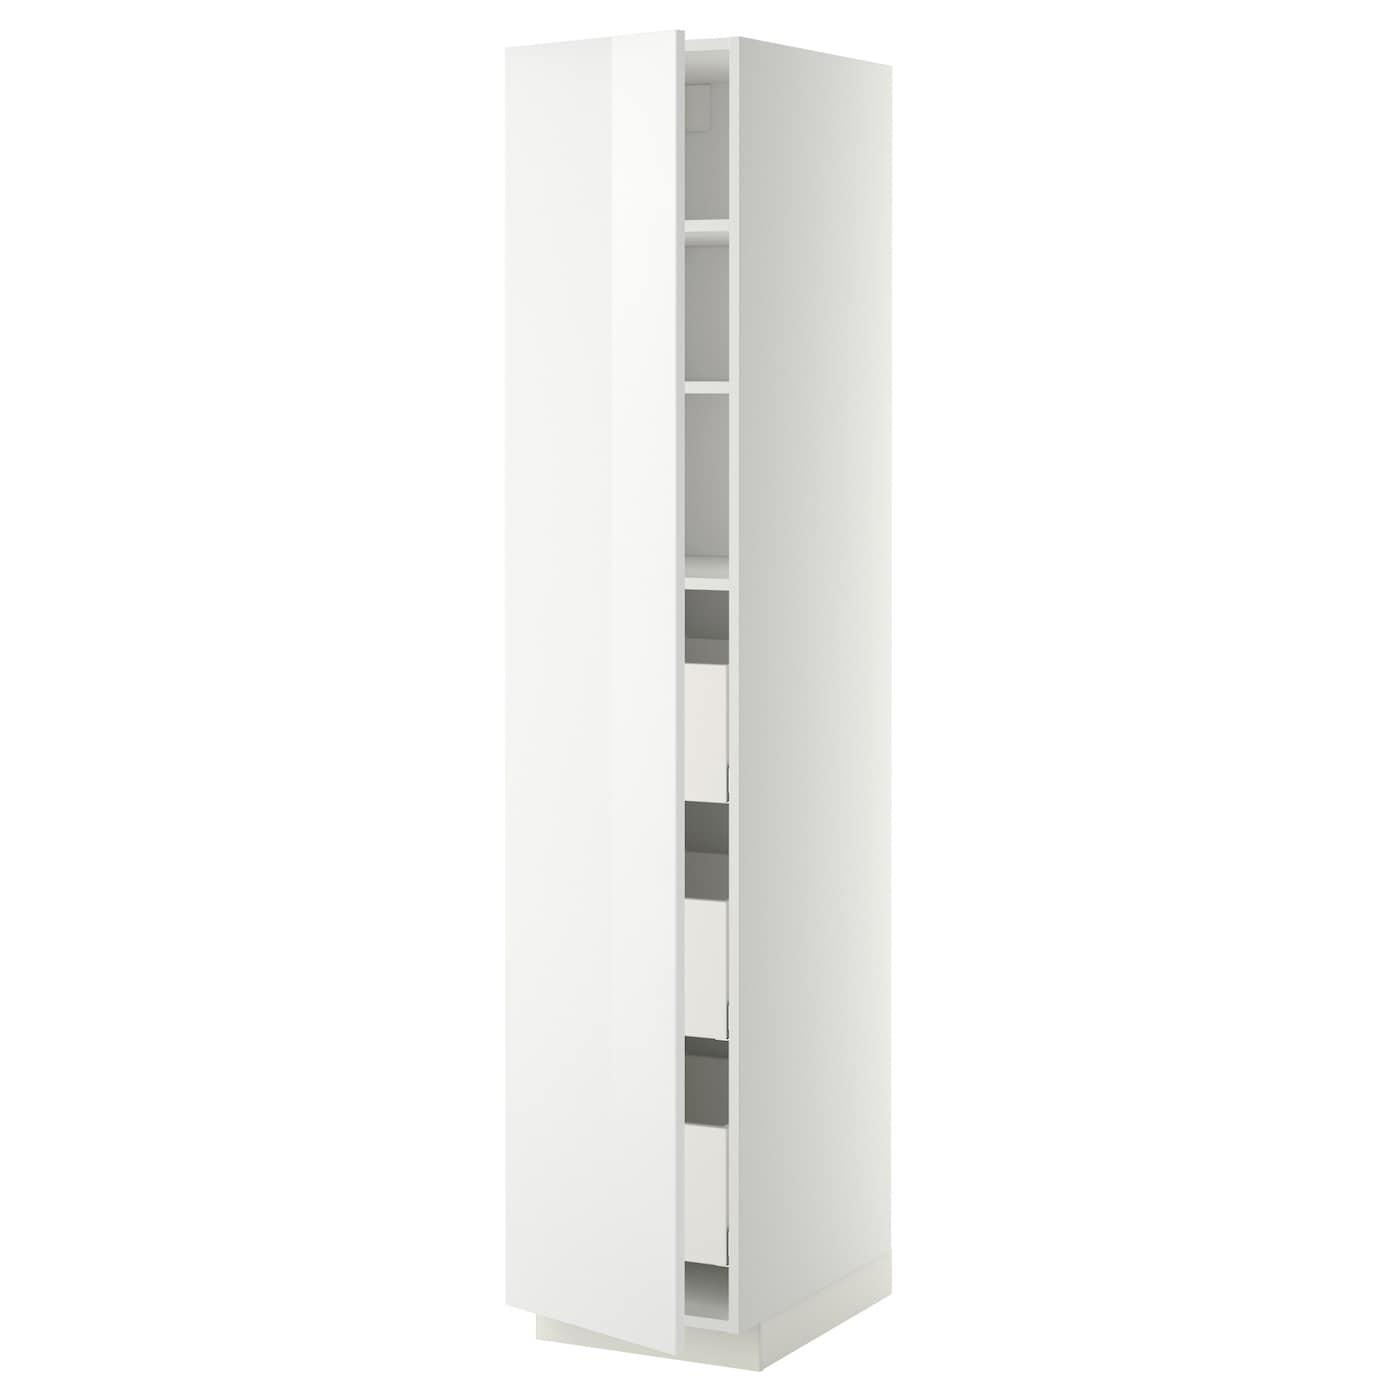 METOD / MAXIMERA Hochschrank m Schubladen - weiß, Ringhult weiß 19x19x19 cm